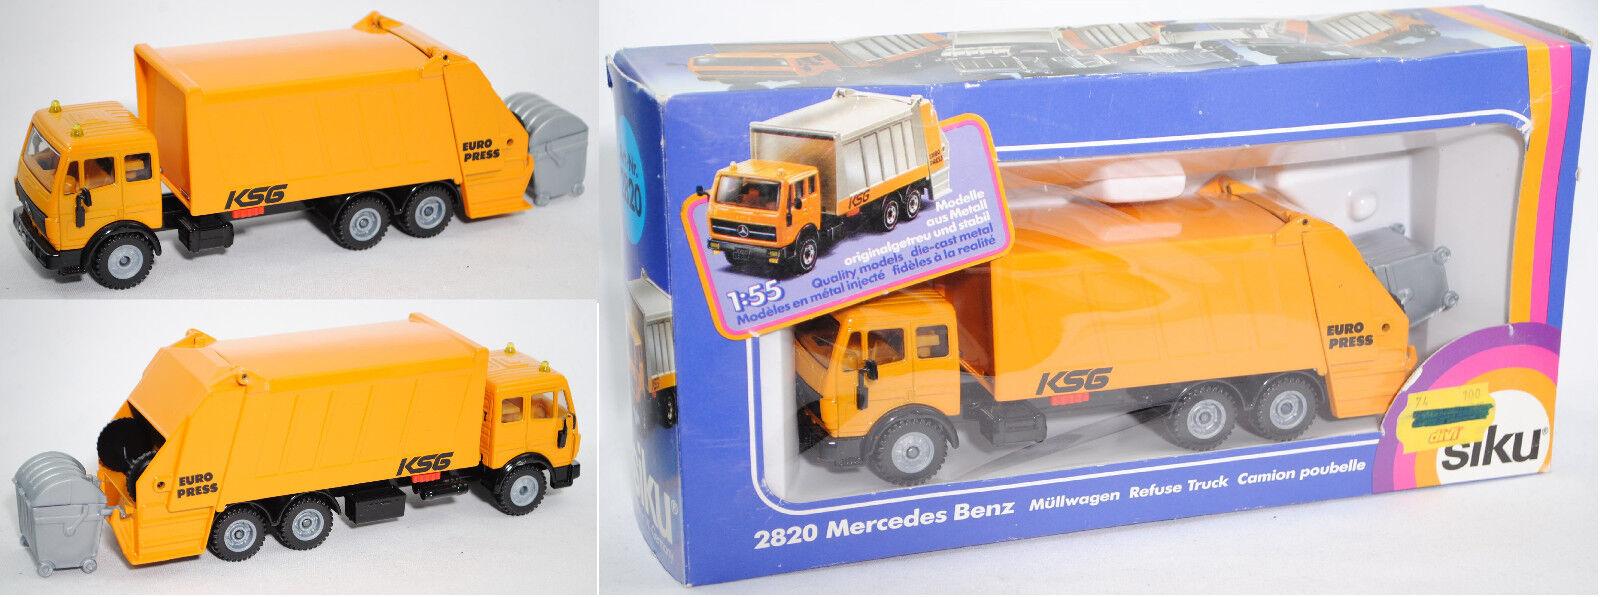 SIKU SUPER 2820 MERCEDES-BENZ SK déchets sammelfahrzeug, benne à ordures, KSG Europress